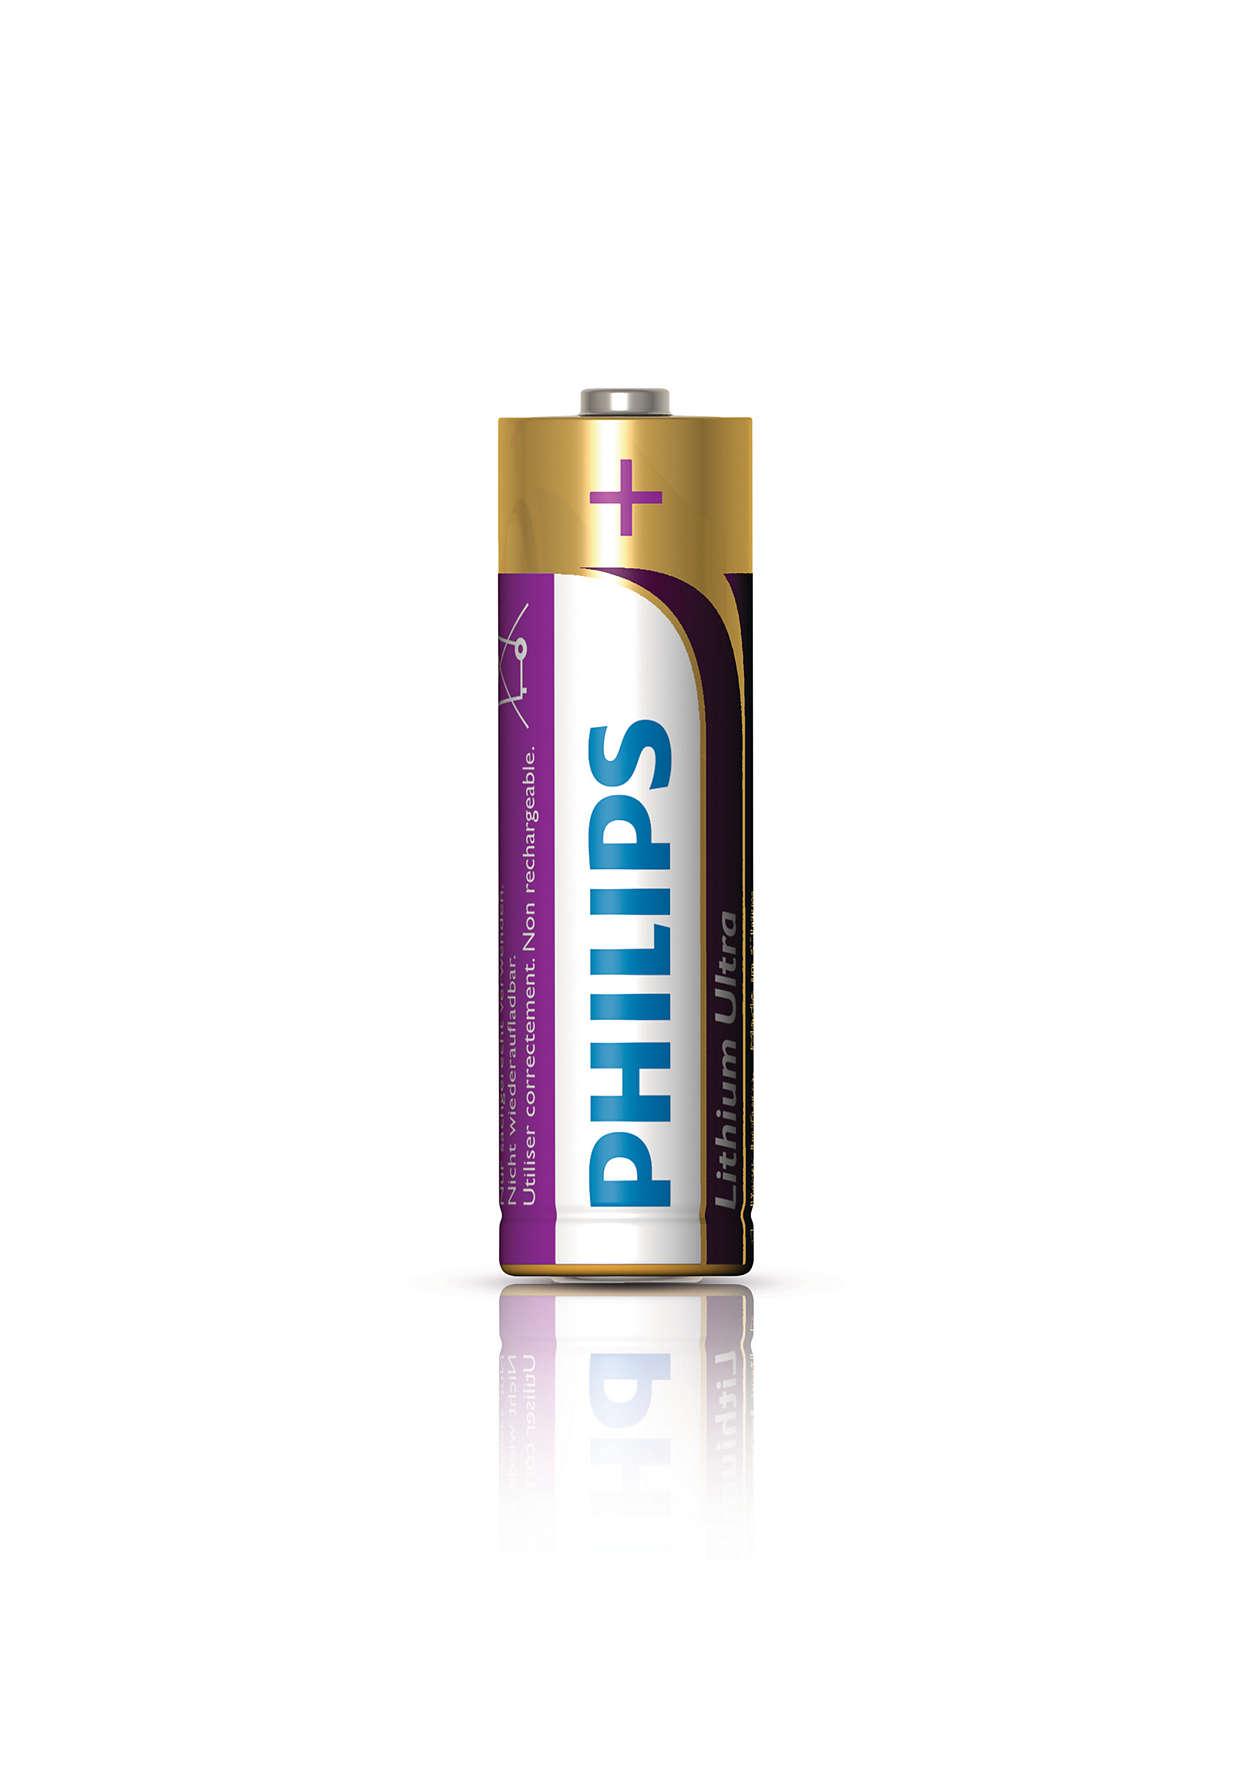 Durata 7 volte maggiore rispetto alle batterie alcaline